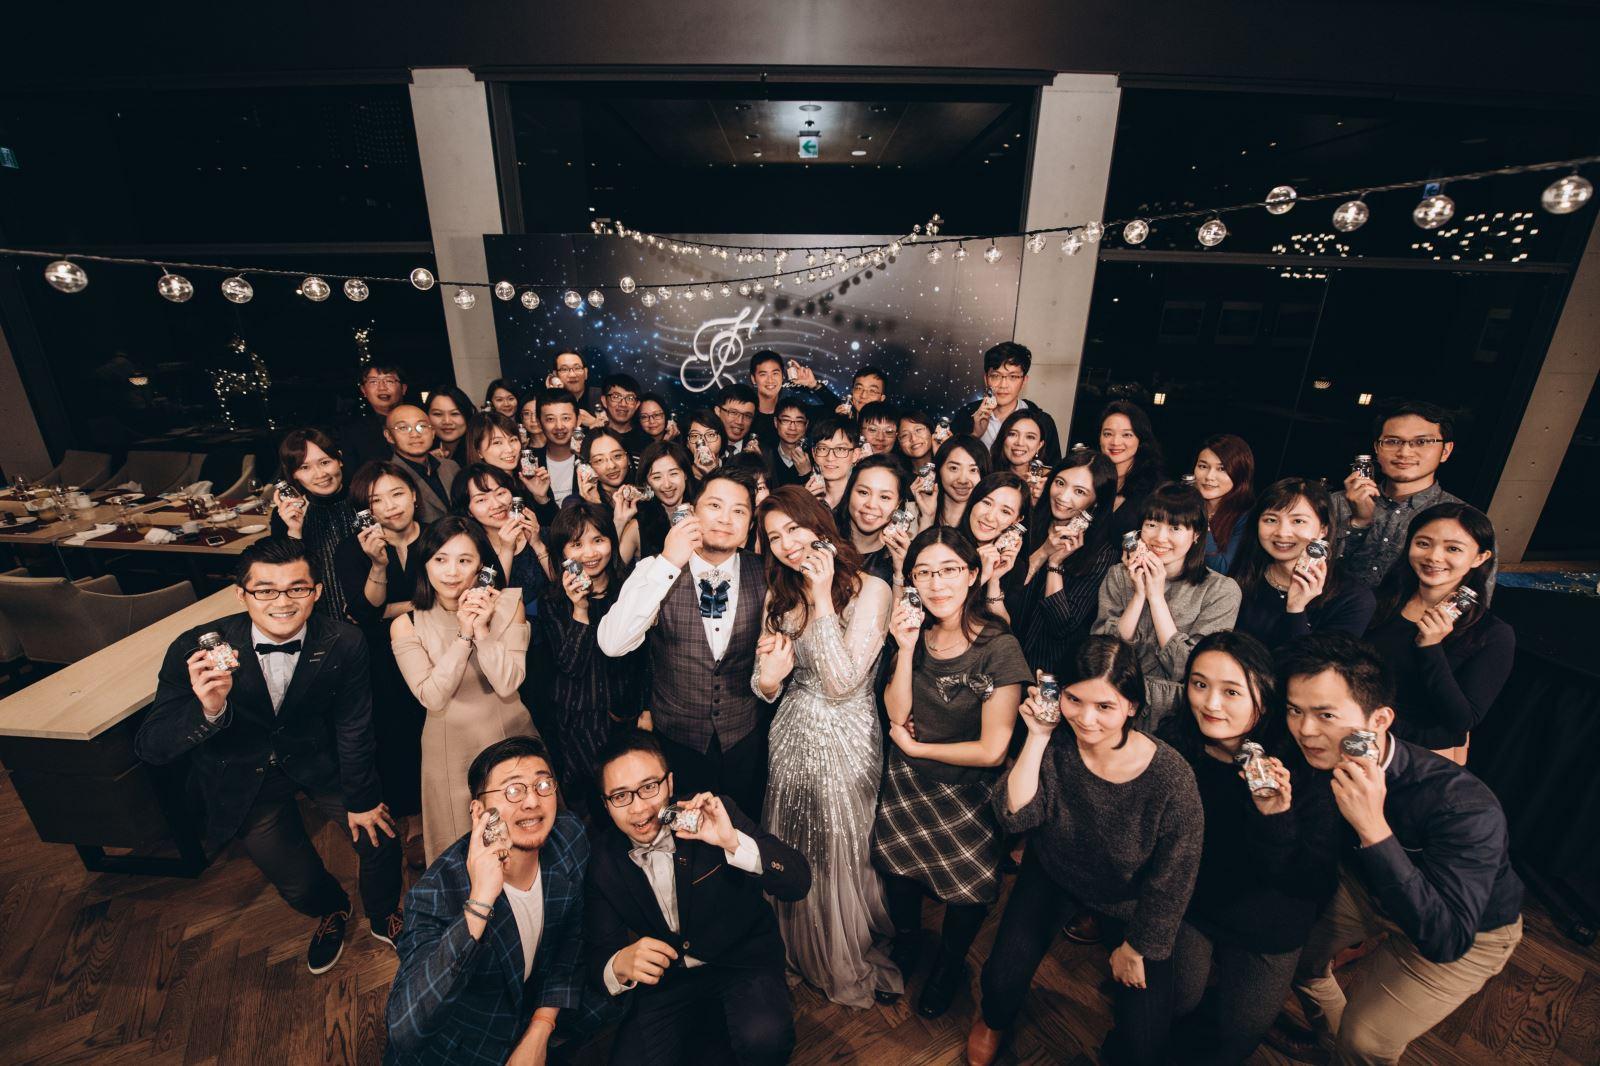 婚禮合照,聚在一起的是,大家的心